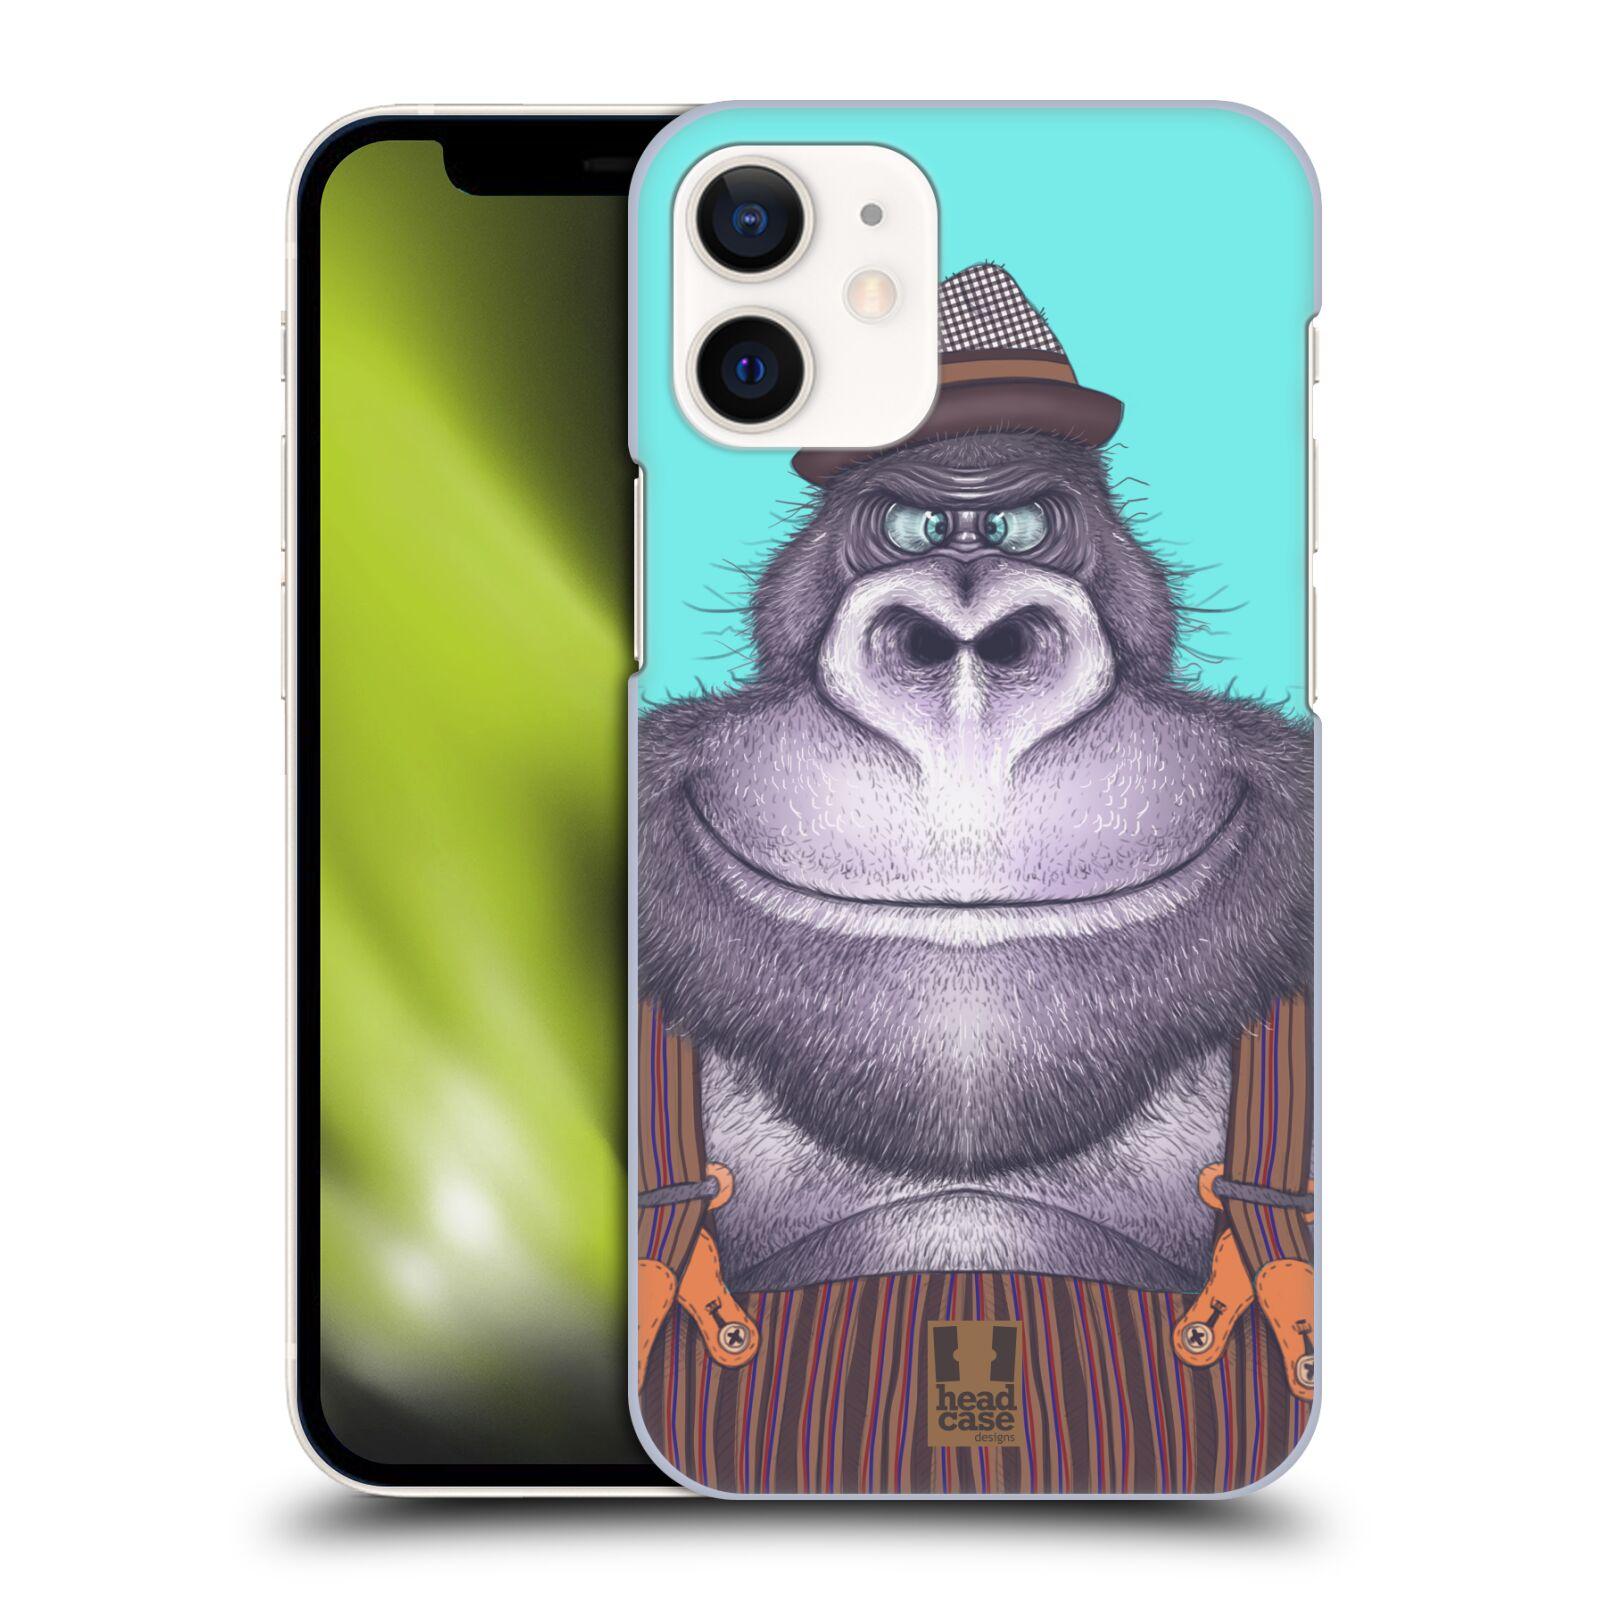 Plastový obal na mobil Apple Iphone 12 MINI vzor Kreslená zvířátka gorila